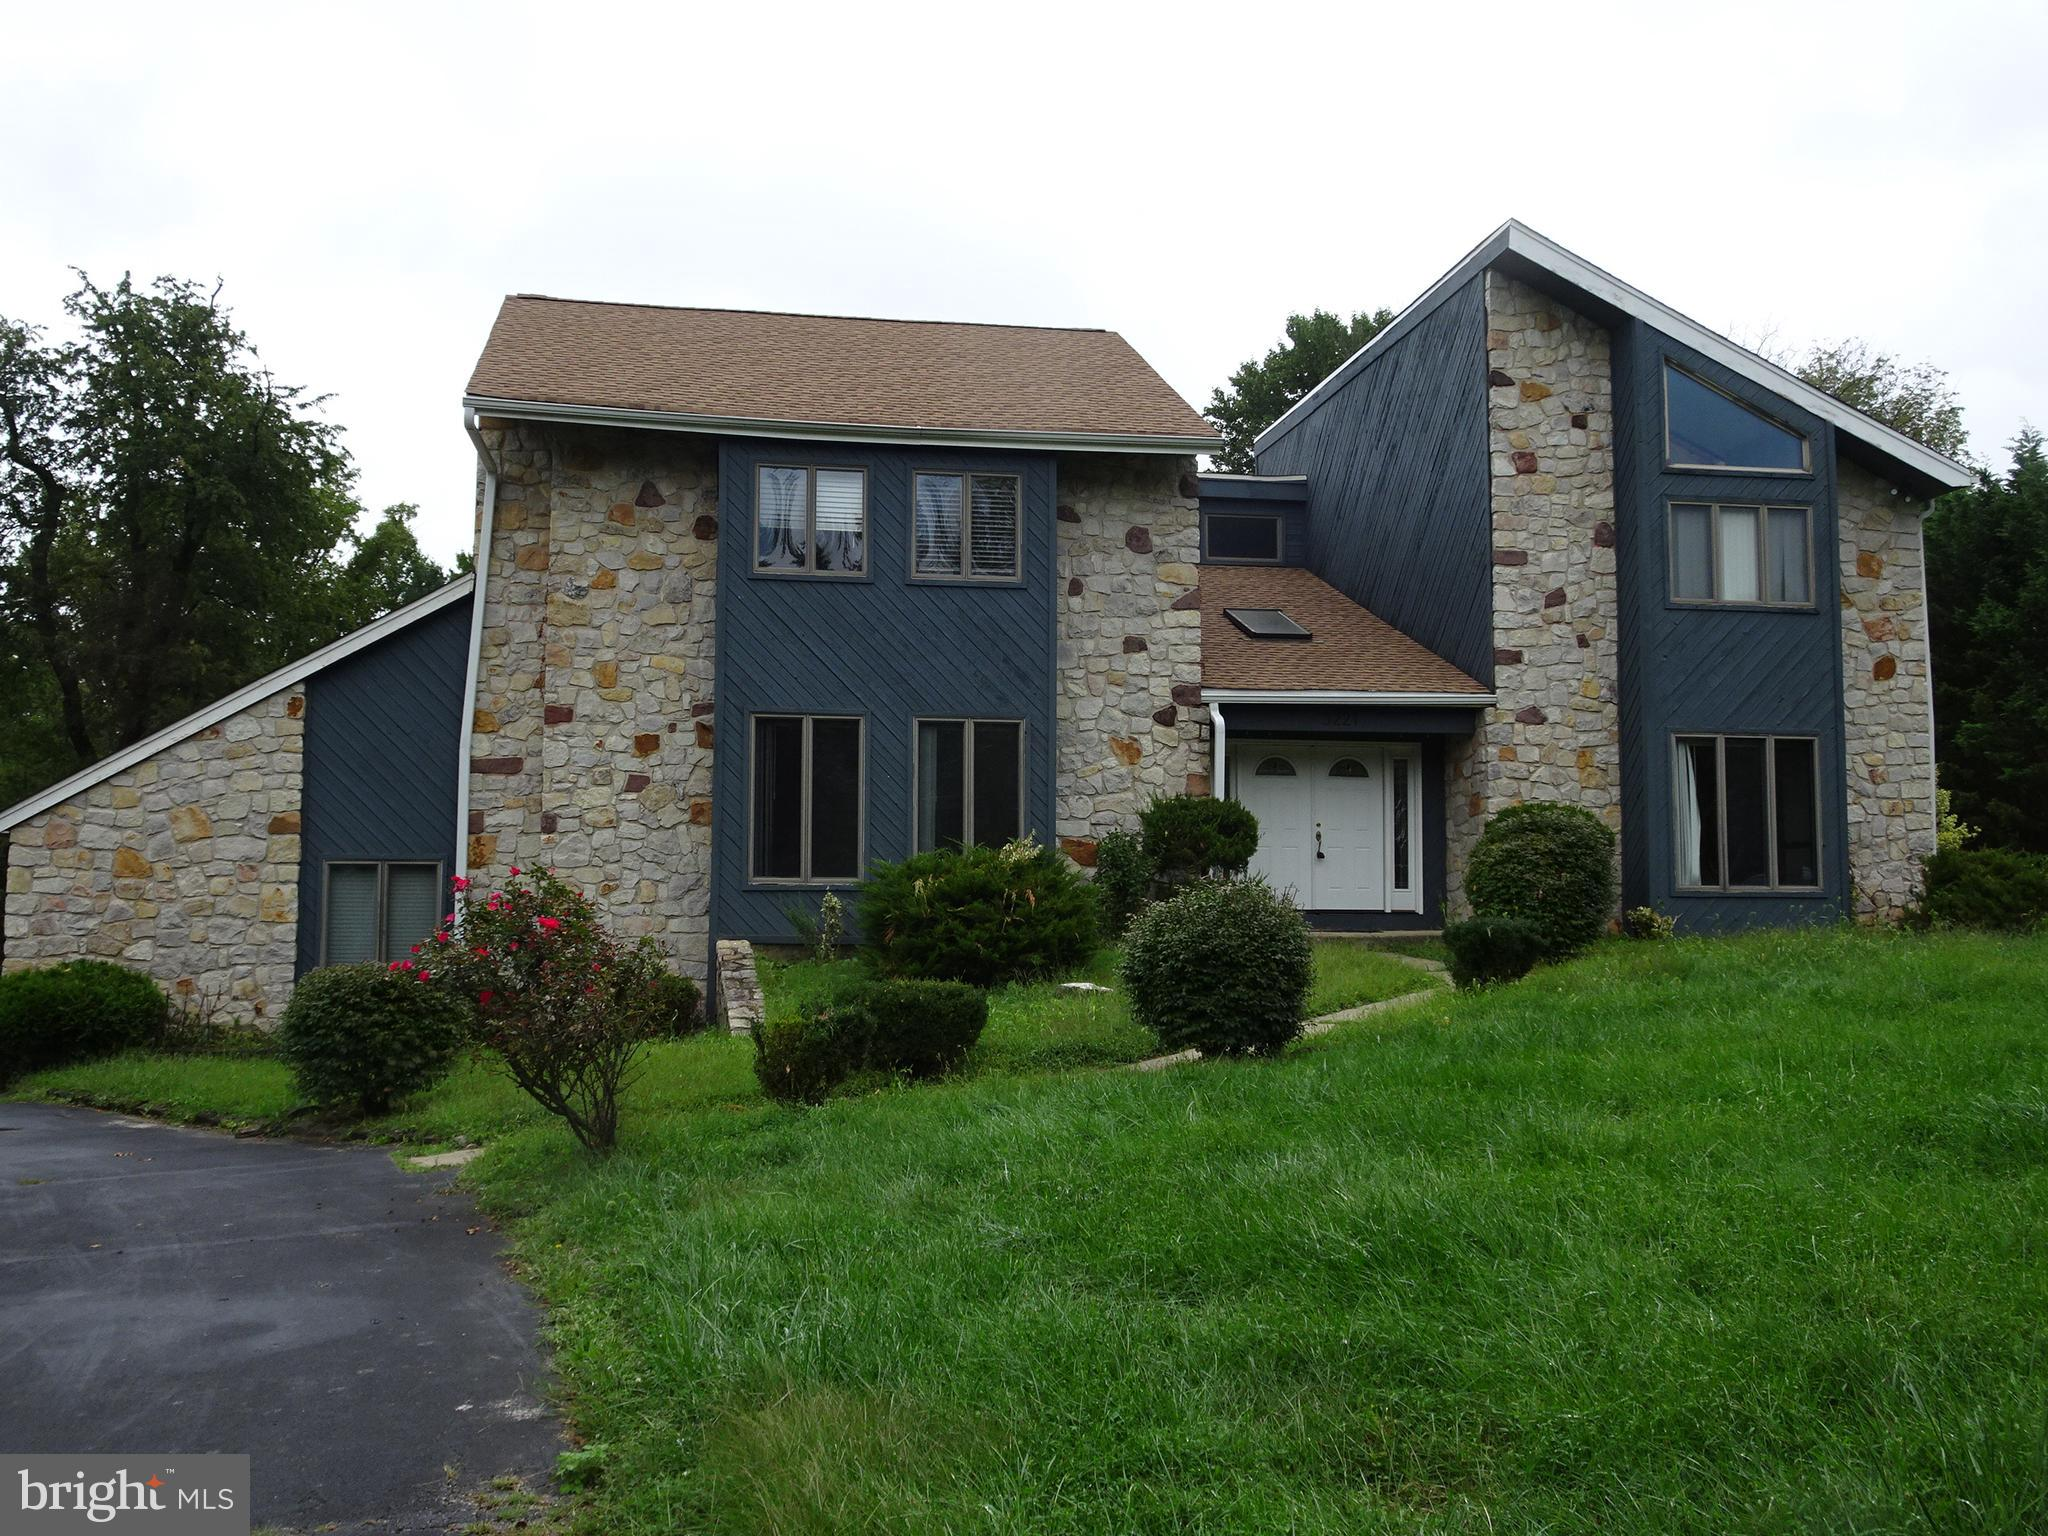 3221 Walker Ln, Norristown, PA, 19403